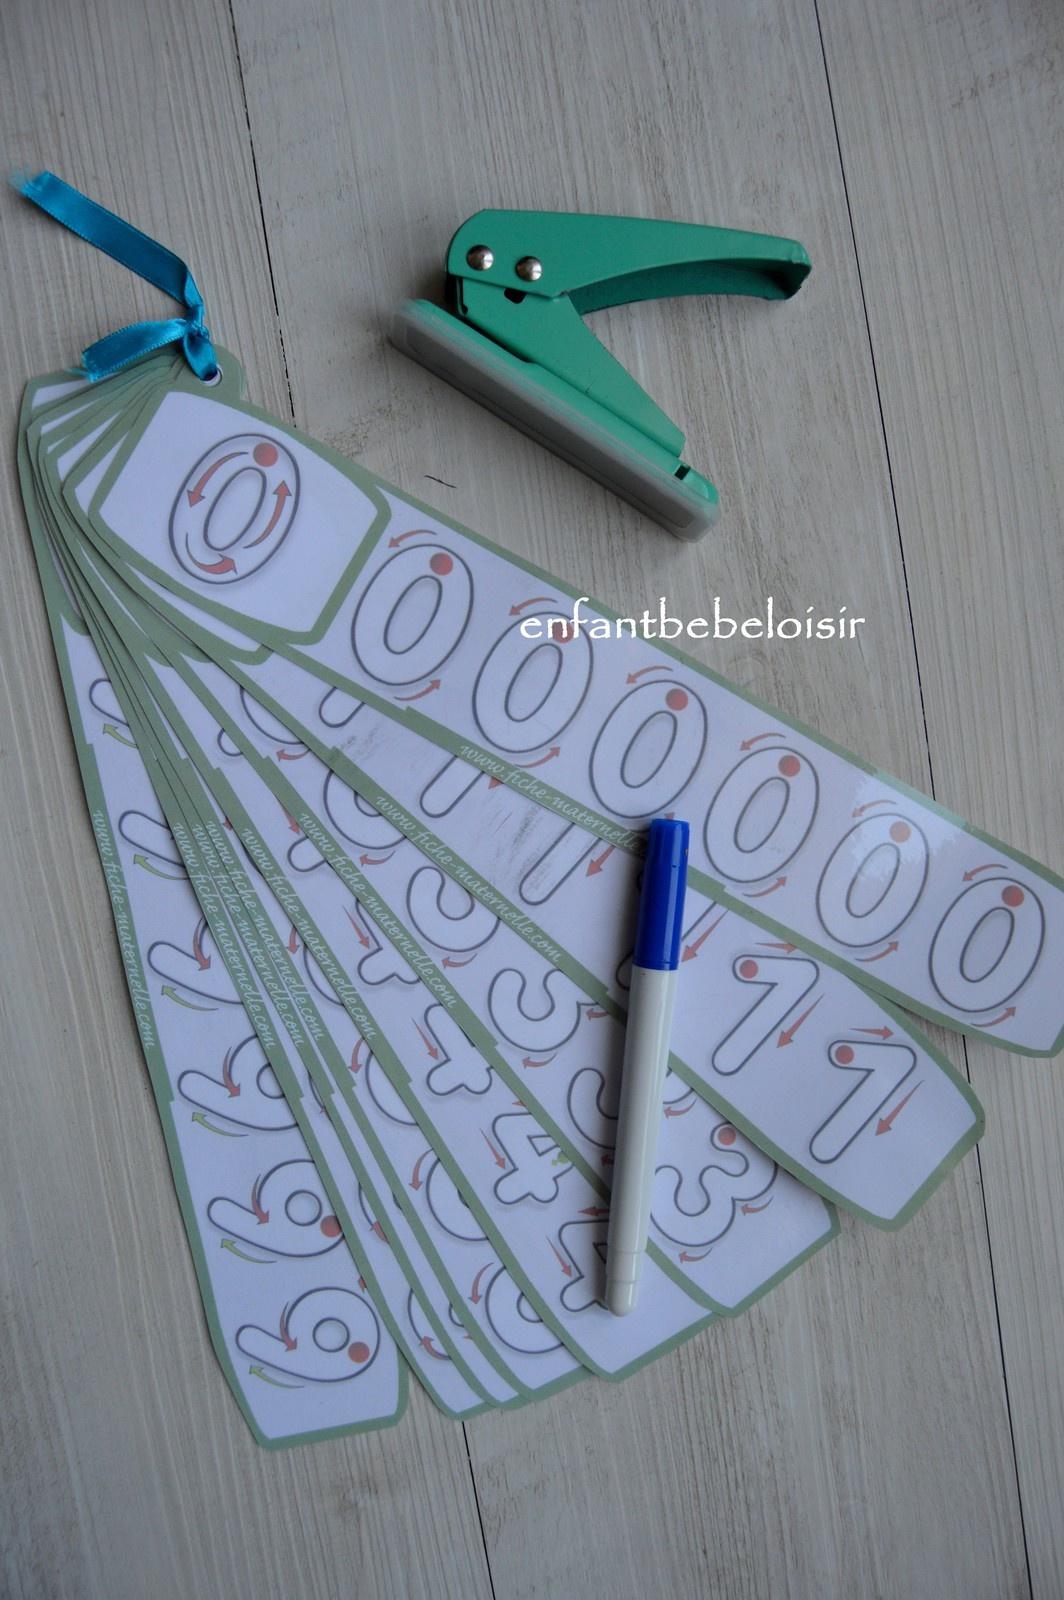 Exercice De Tracer - À Imprimer Plastifier - Enfant Bébé Loisir à Exercice Maternelle Moyenne Section À Imprimer